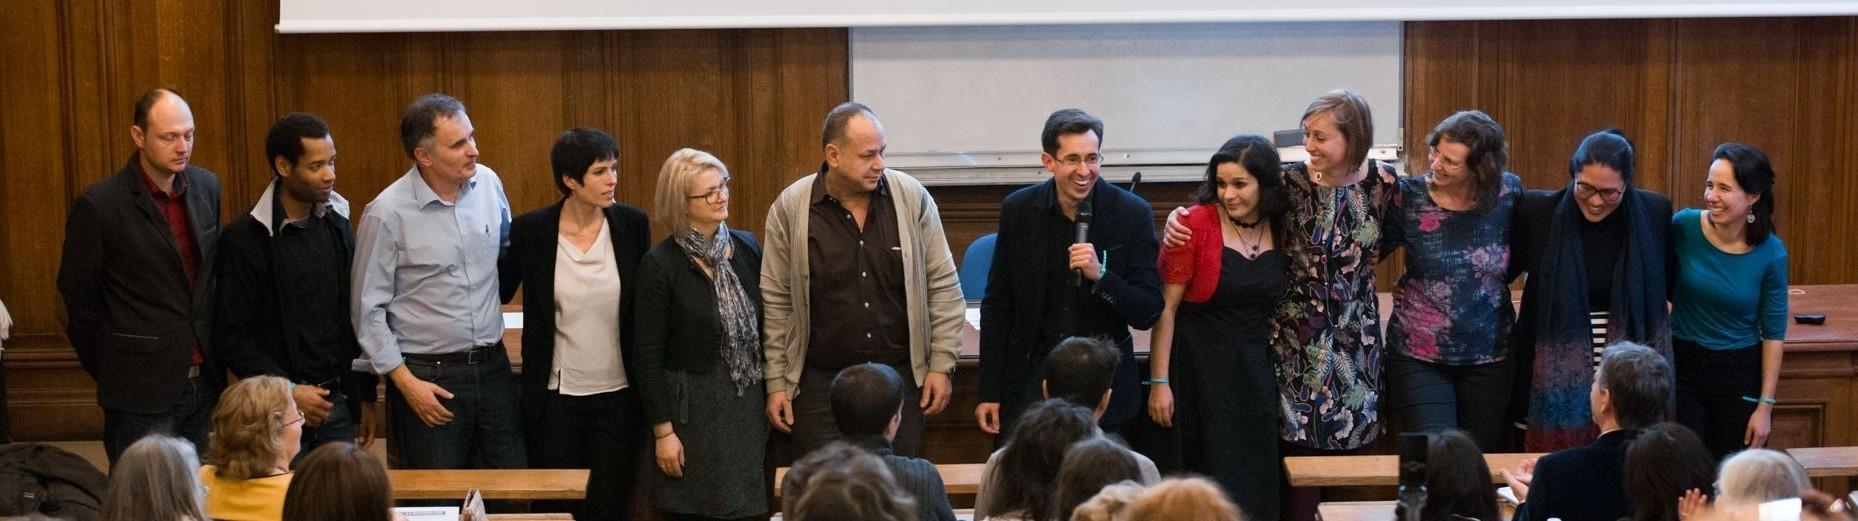 Les Coachs Apprendre à Apprendre après leur conférence à La Sorbonne en janvier 2017